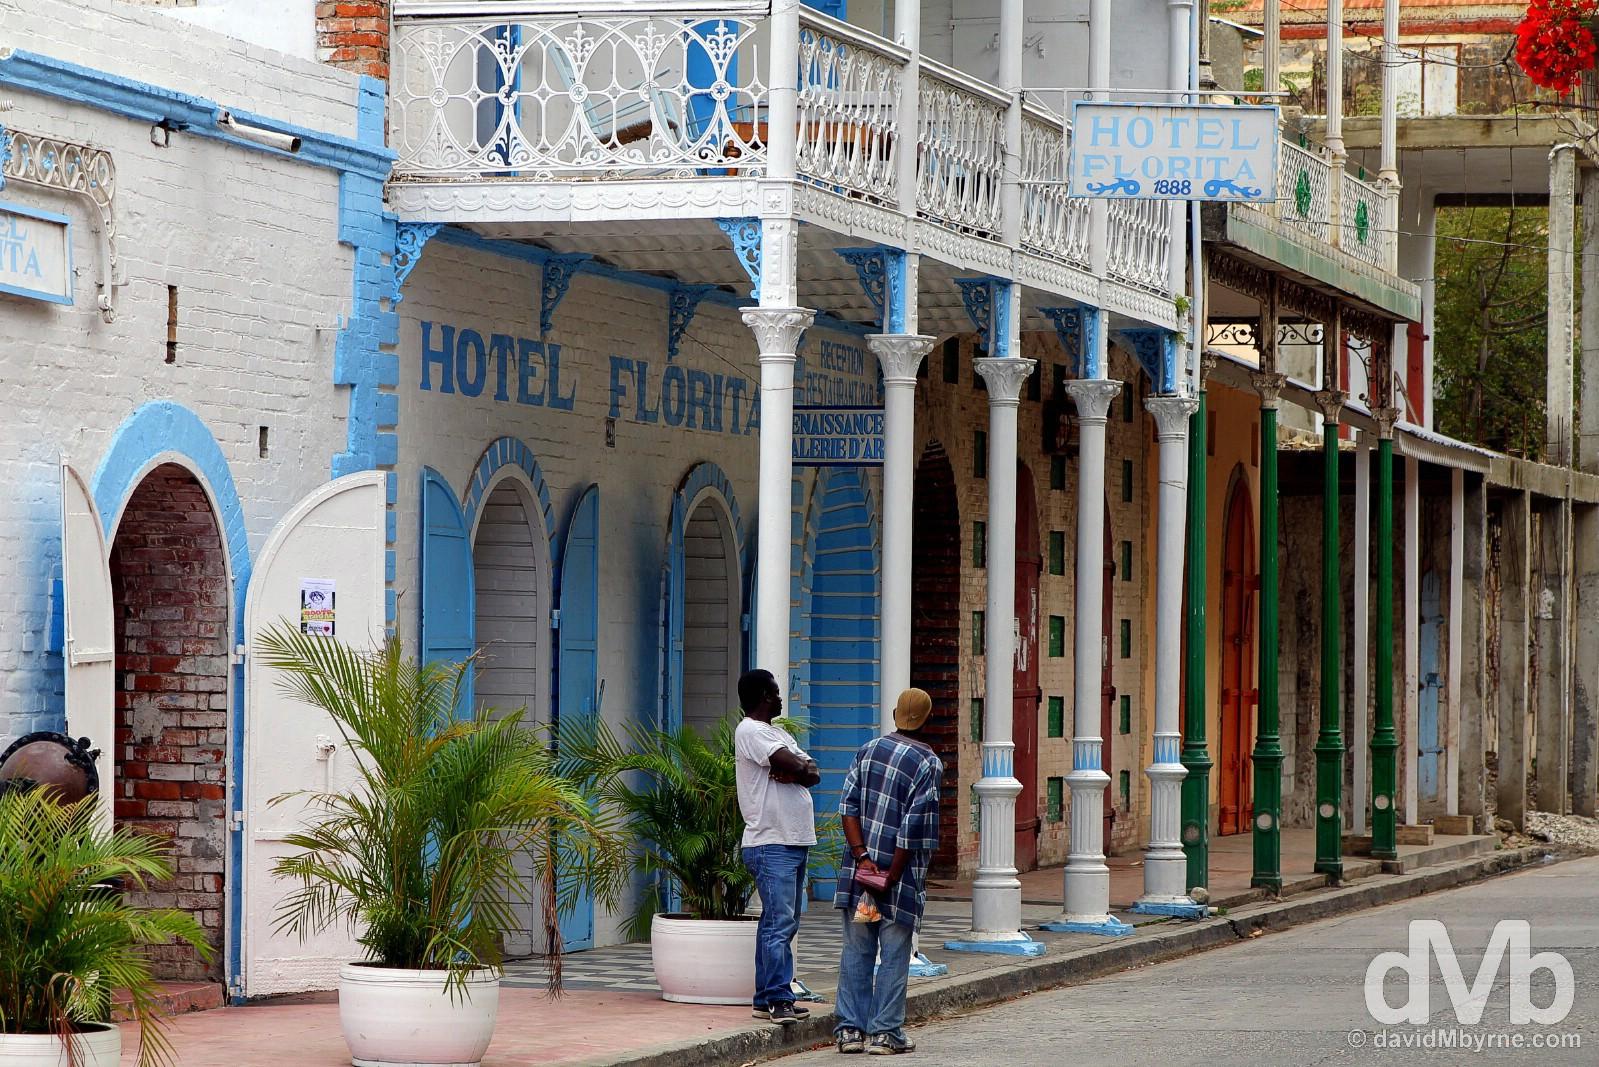 Rue de Commerce, Jacmel, Haiti. May 19, 2015.